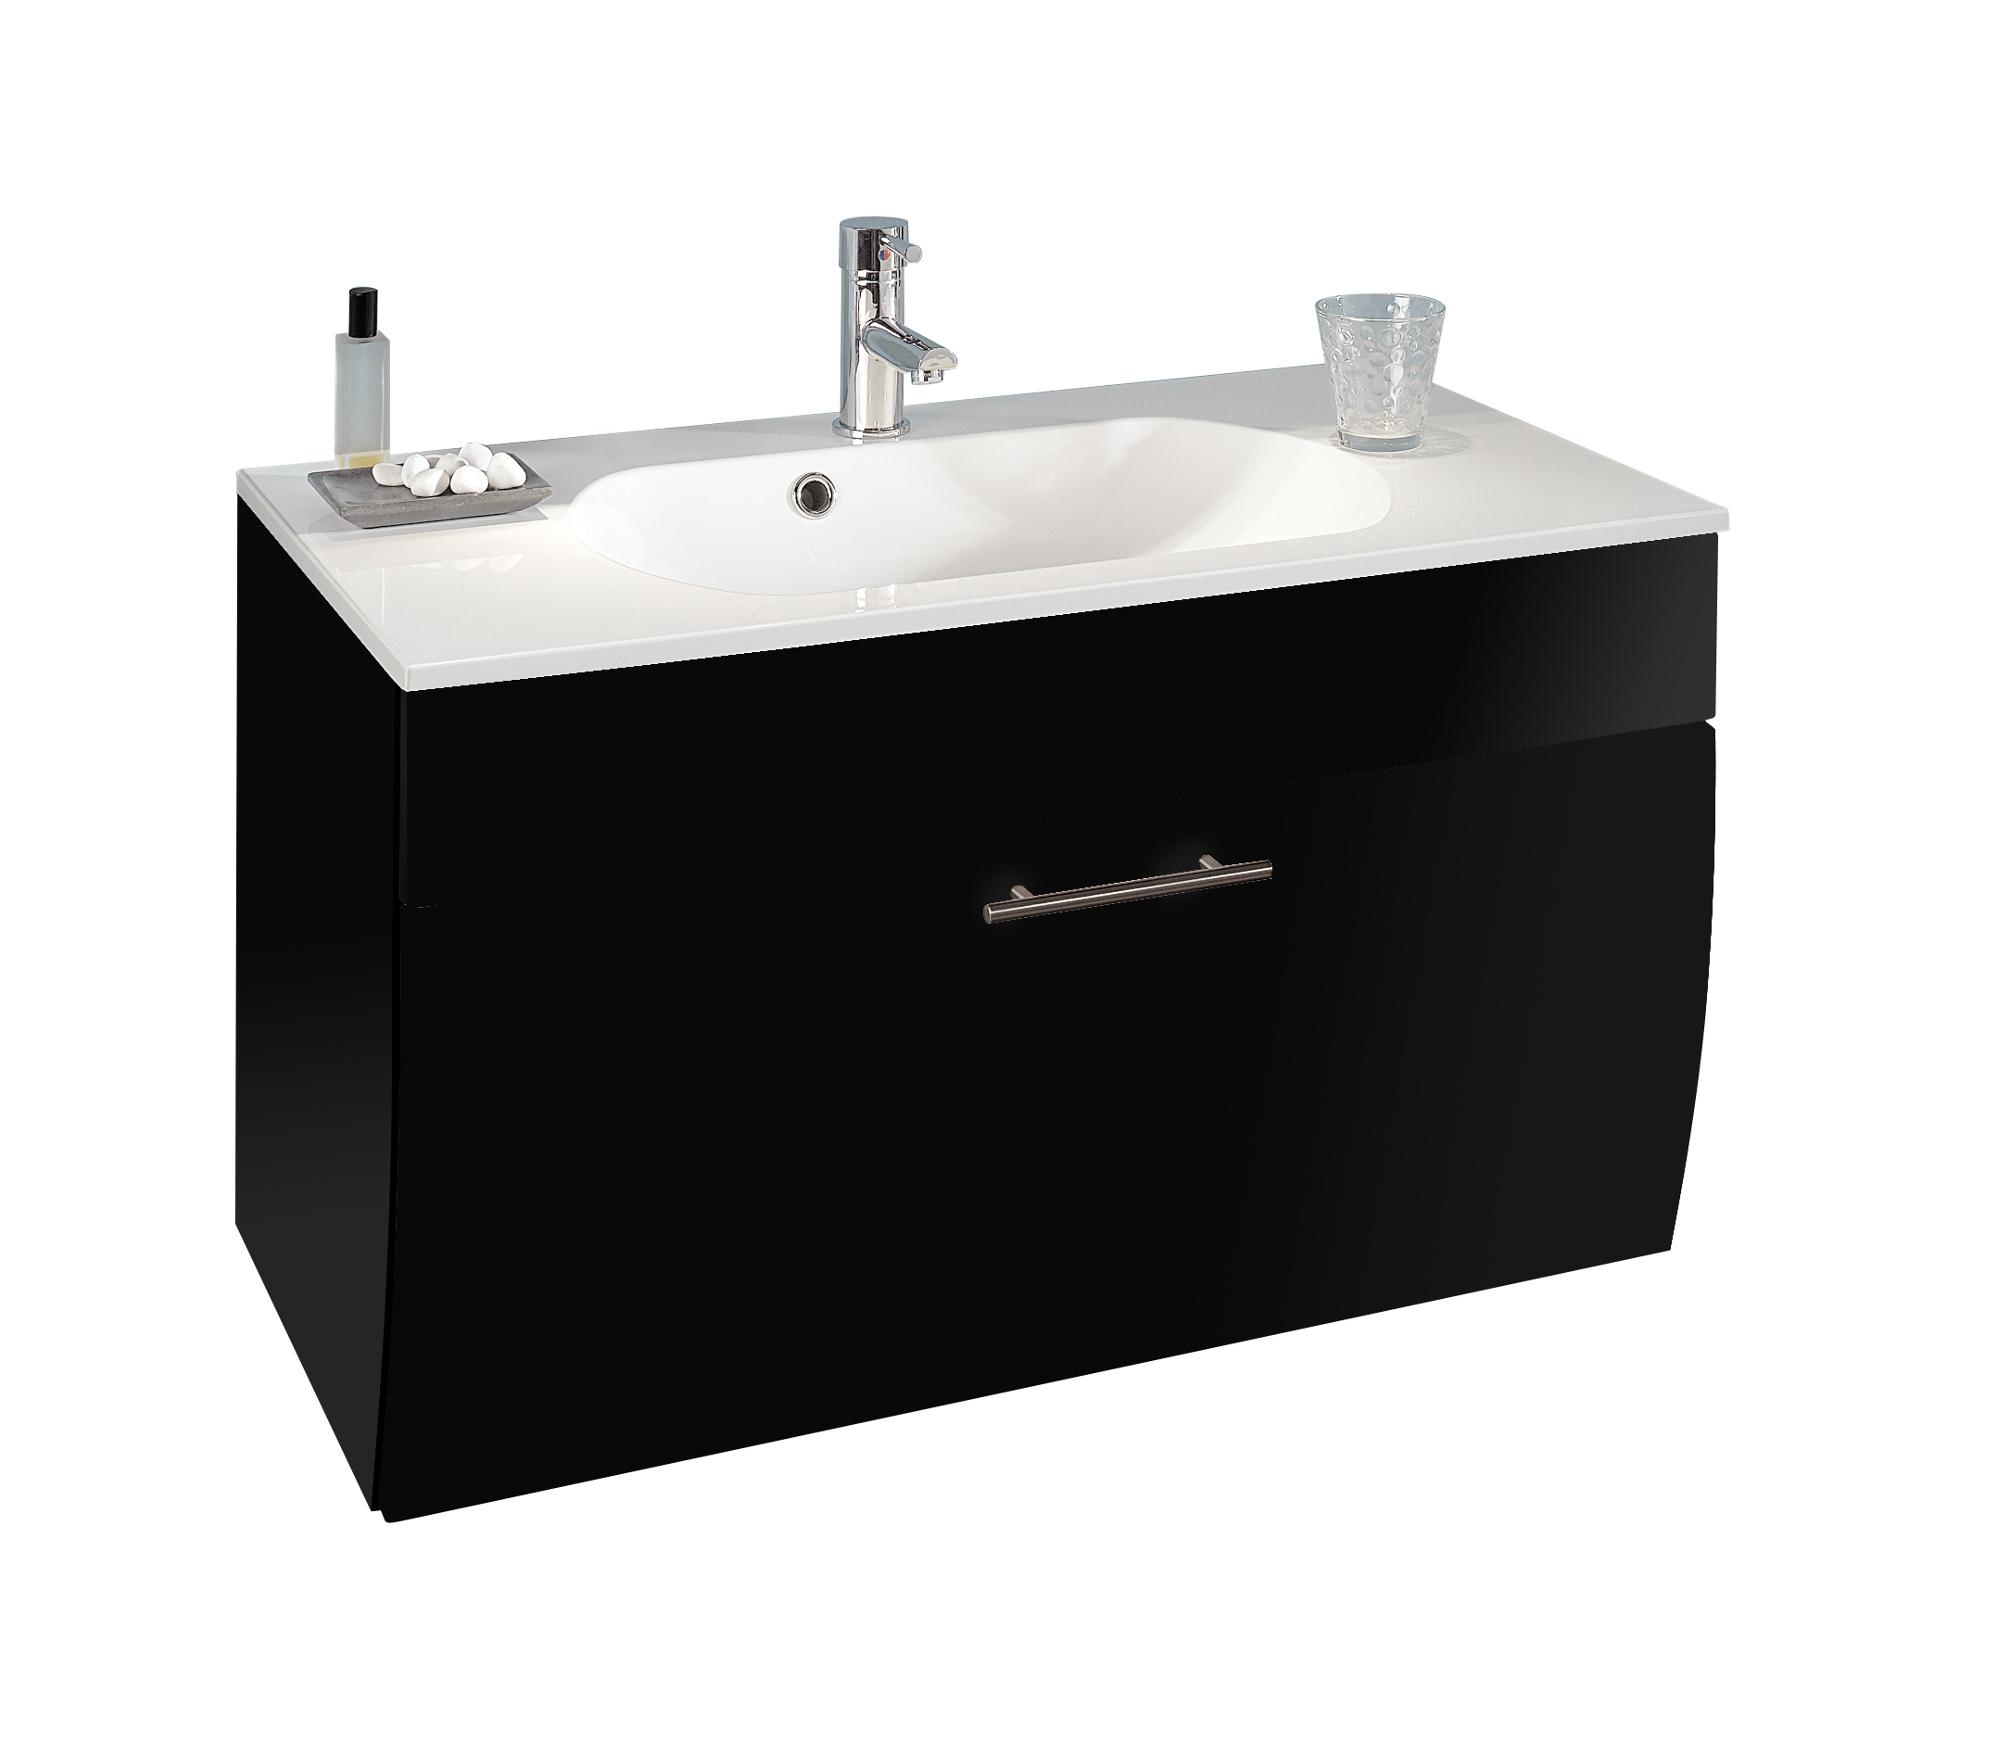 bad waschtisch salona 1 klappe 90 cm breit grau bad waschtische. Black Bedroom Furniture Sets. Home Design Ideas